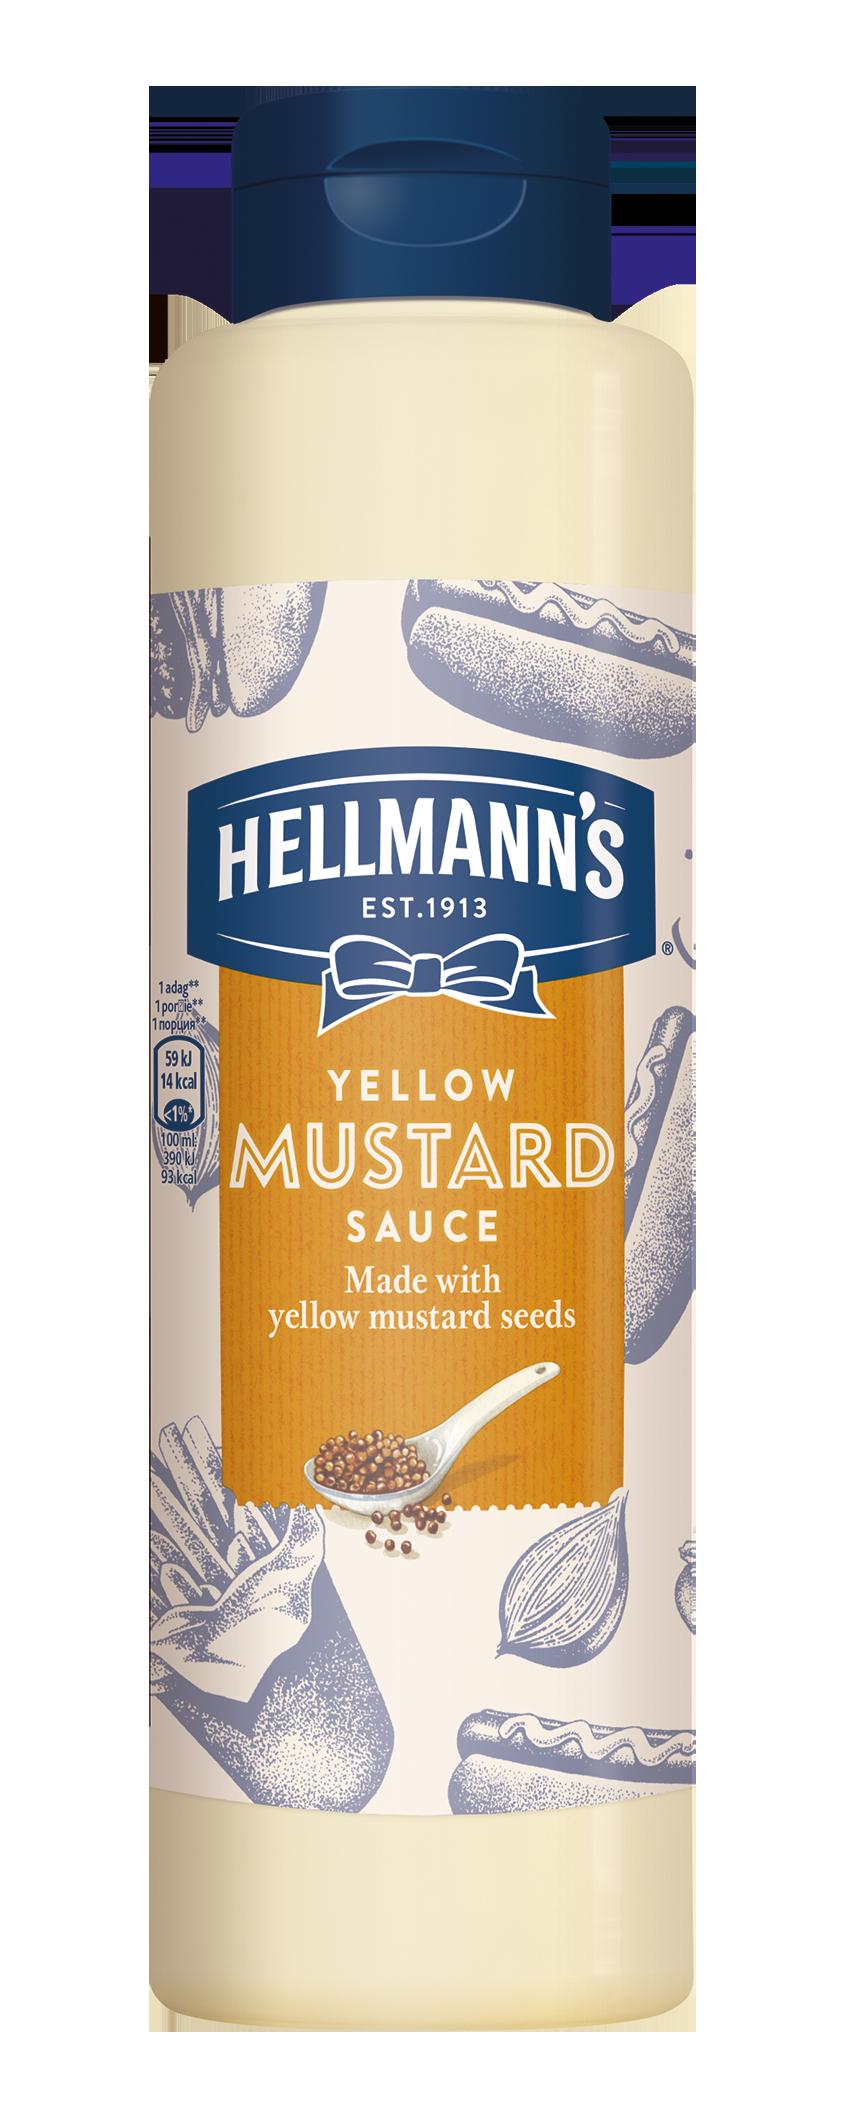 Hellmann's umak od gorušice 850 ml - Pokažite kvalitetu svojim gostima